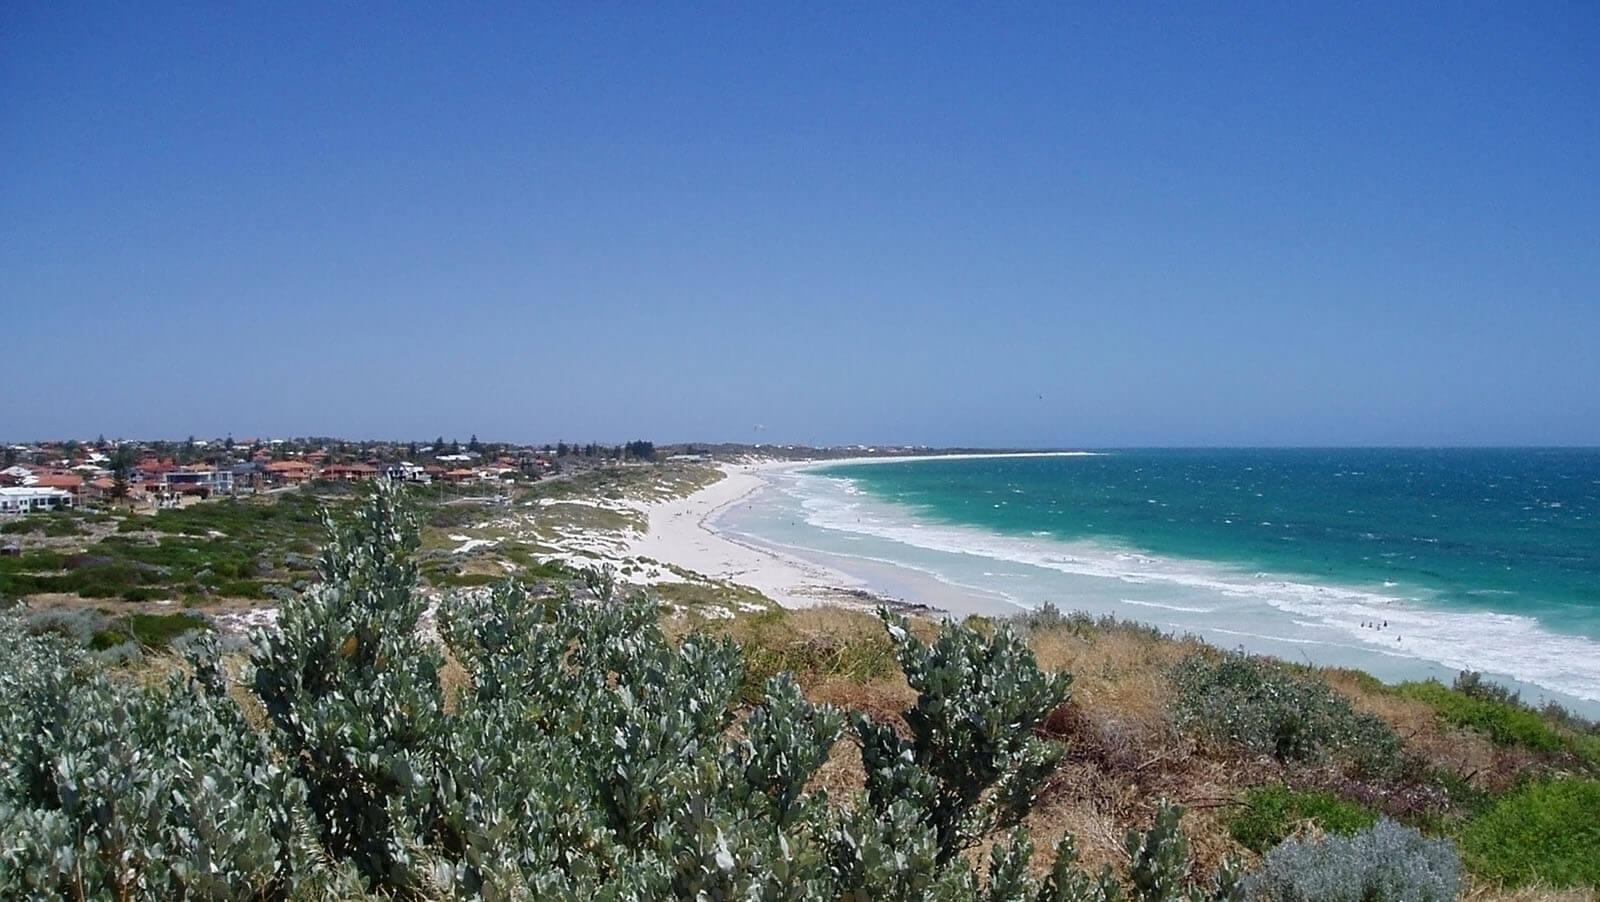 Mullaloo Beach